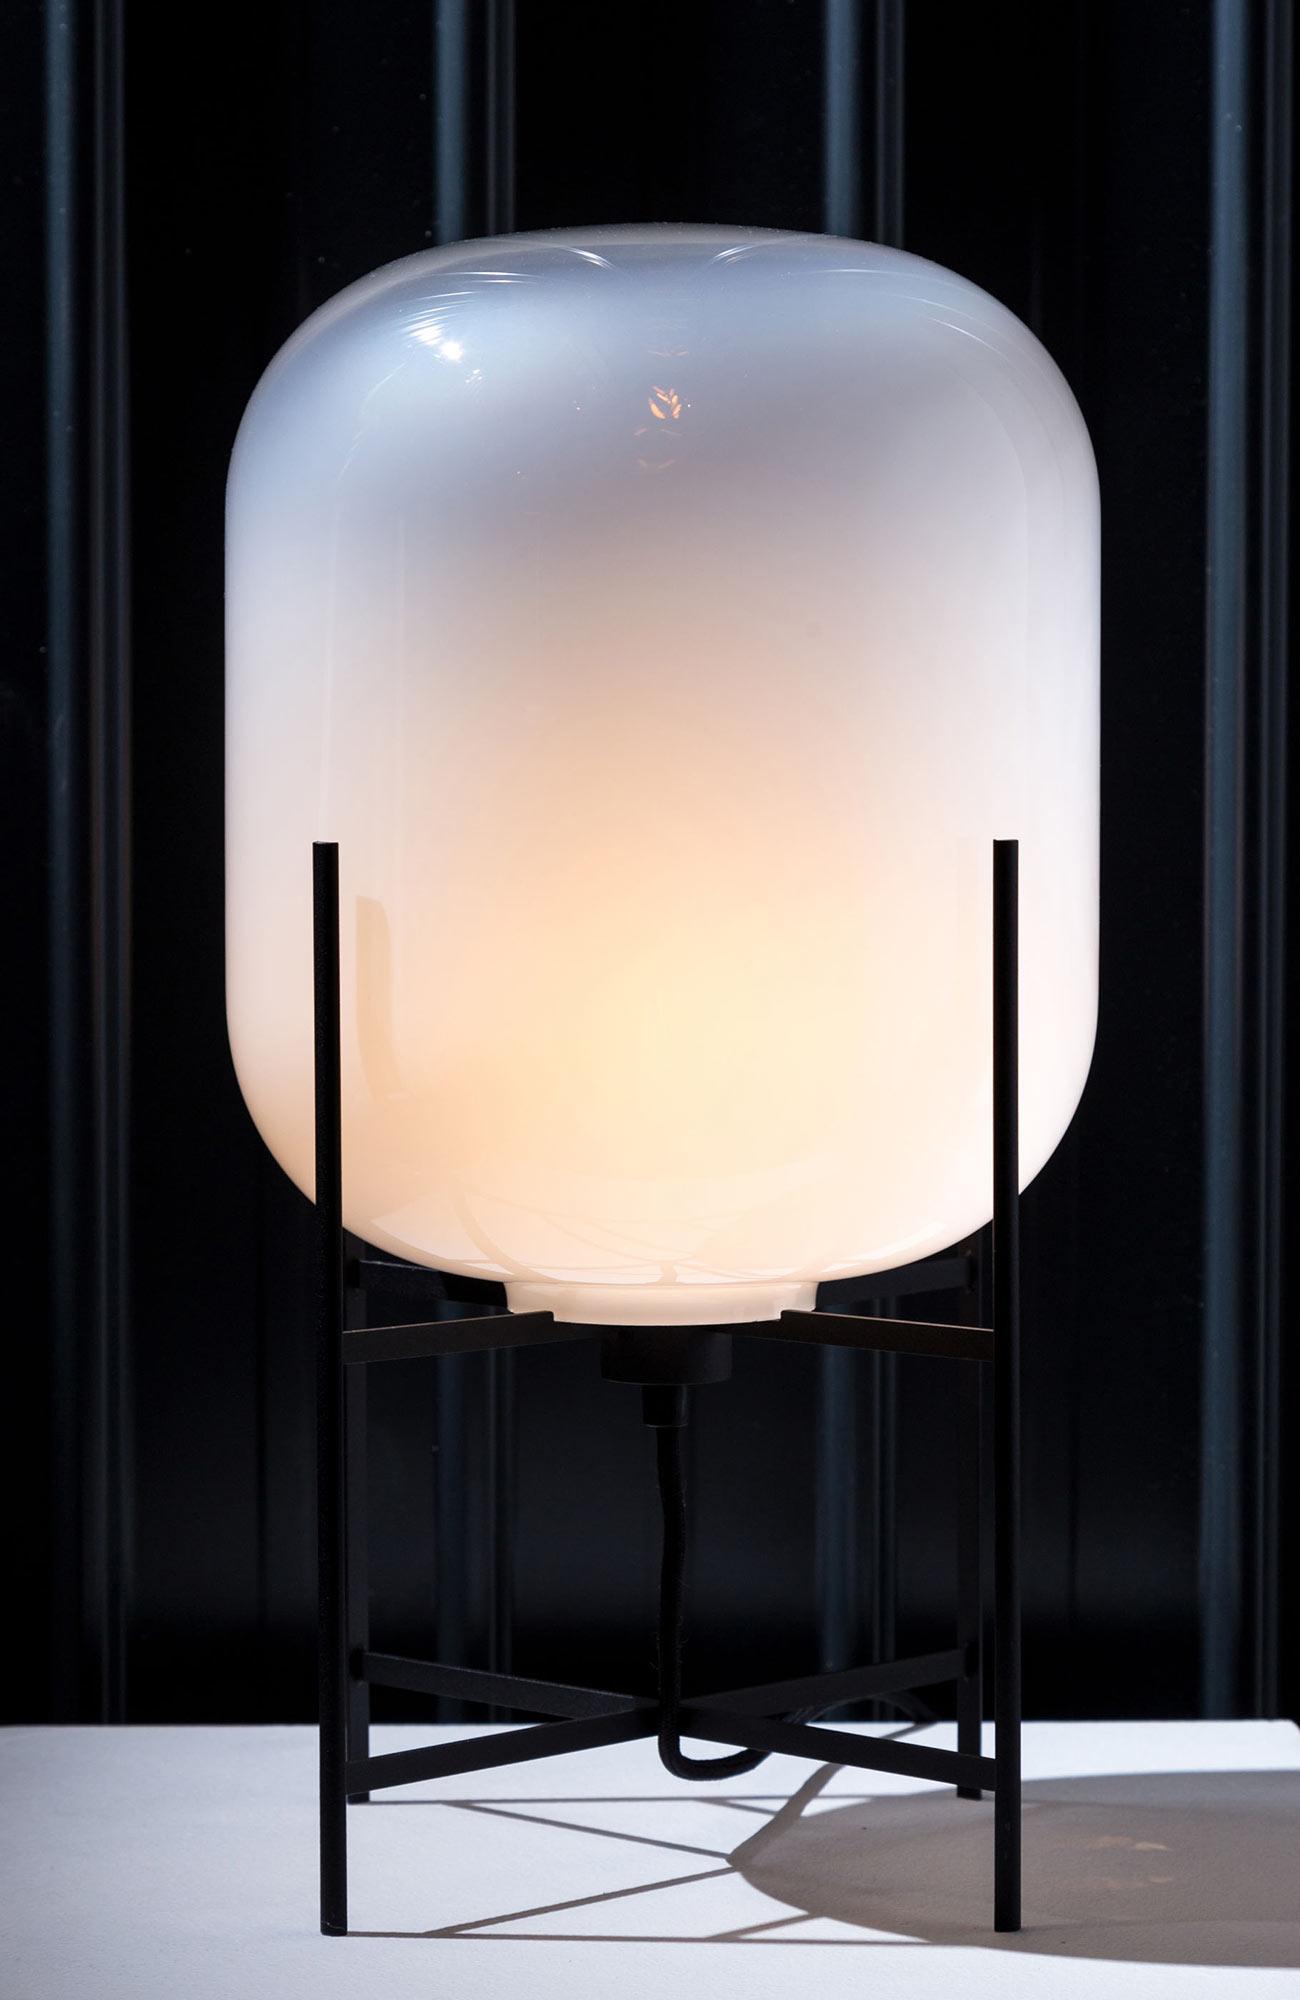 Leuchte in drei Größen von Designer Sebastian Herkner für Pulpo